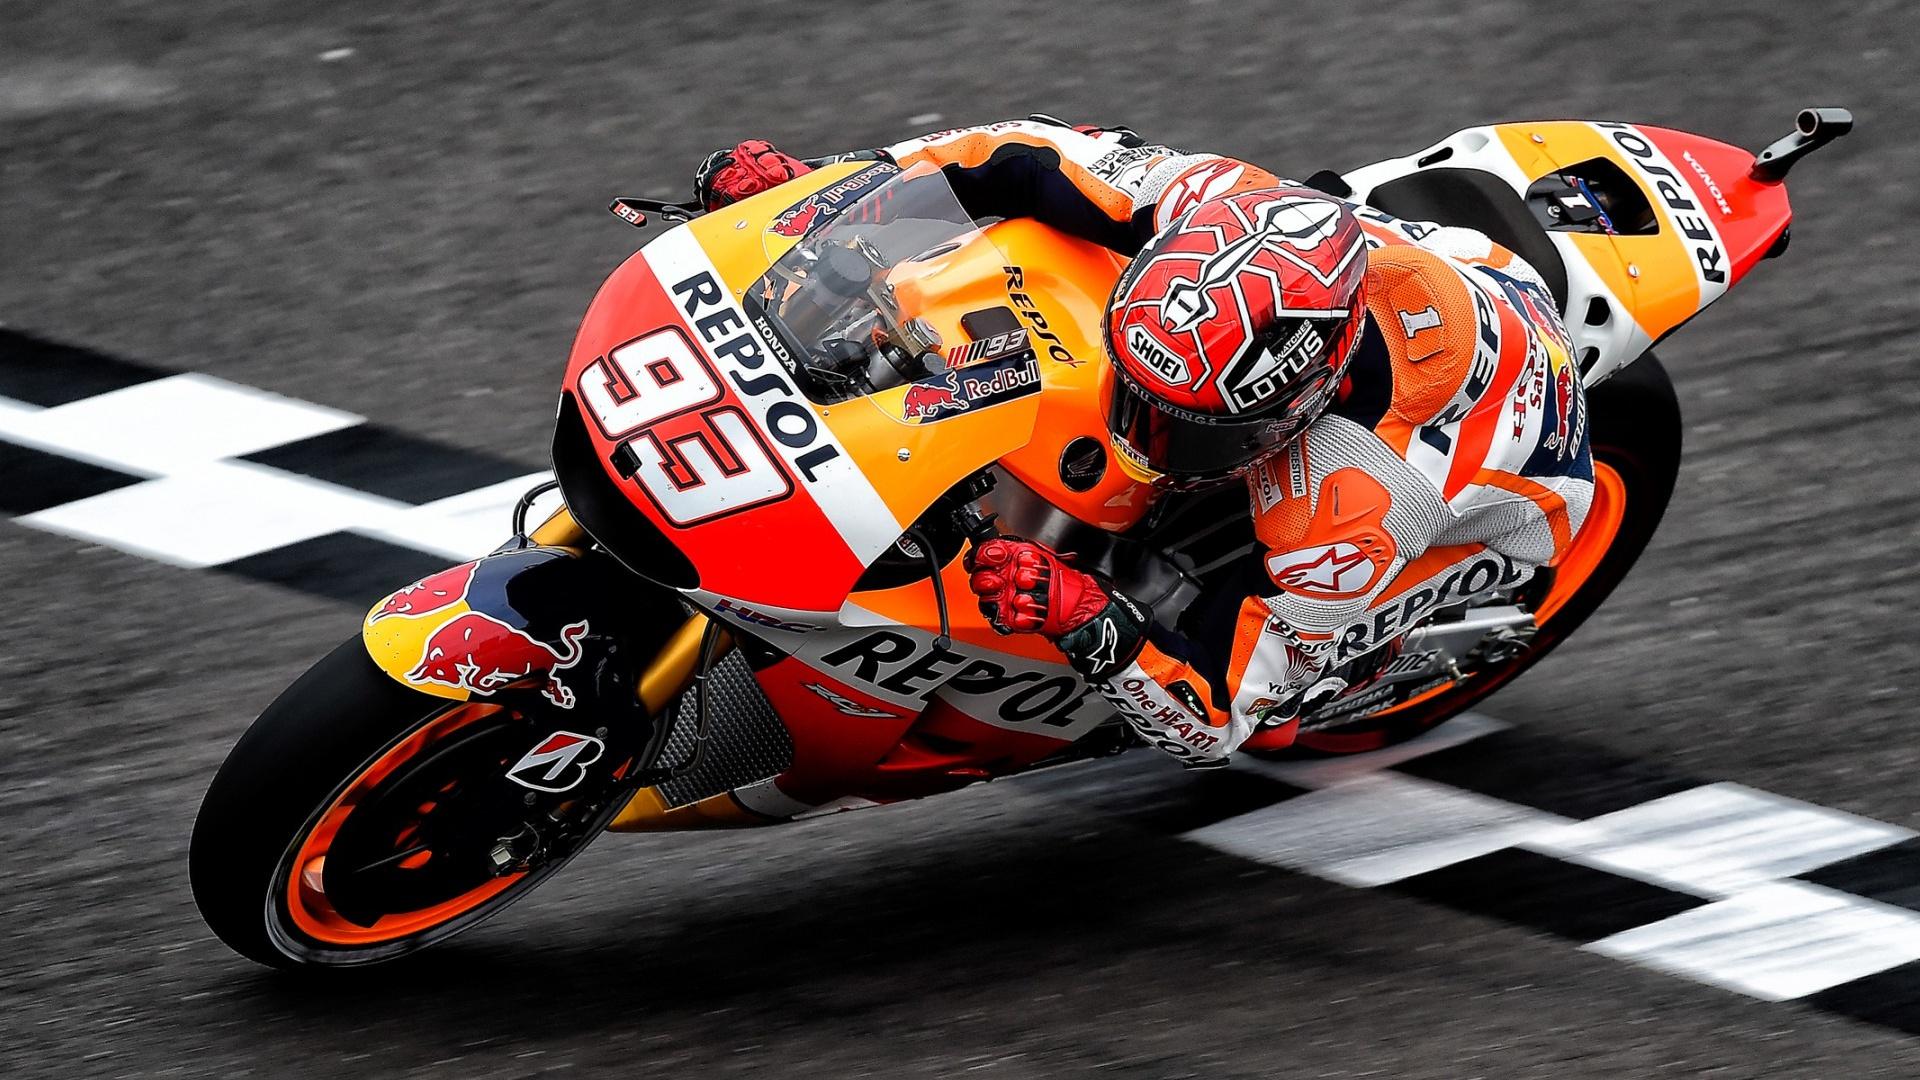 MotoGP Wallpaper 2015 - WallpaperSafari